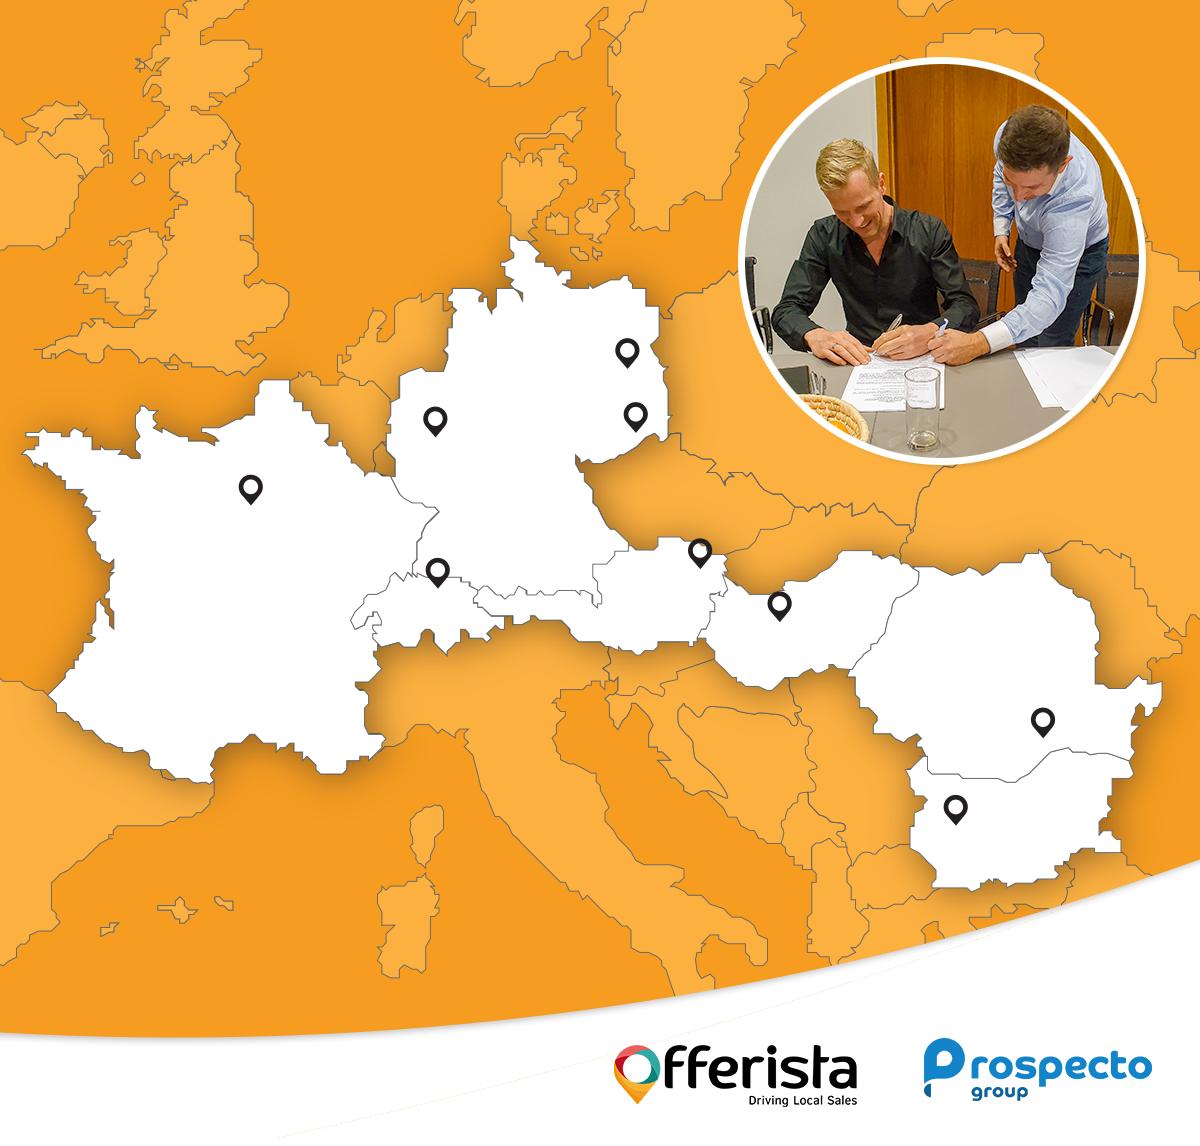 Offerista kauft die Prospecto Group und weitet die Reichweite der Handelsmarketingplattform aus.